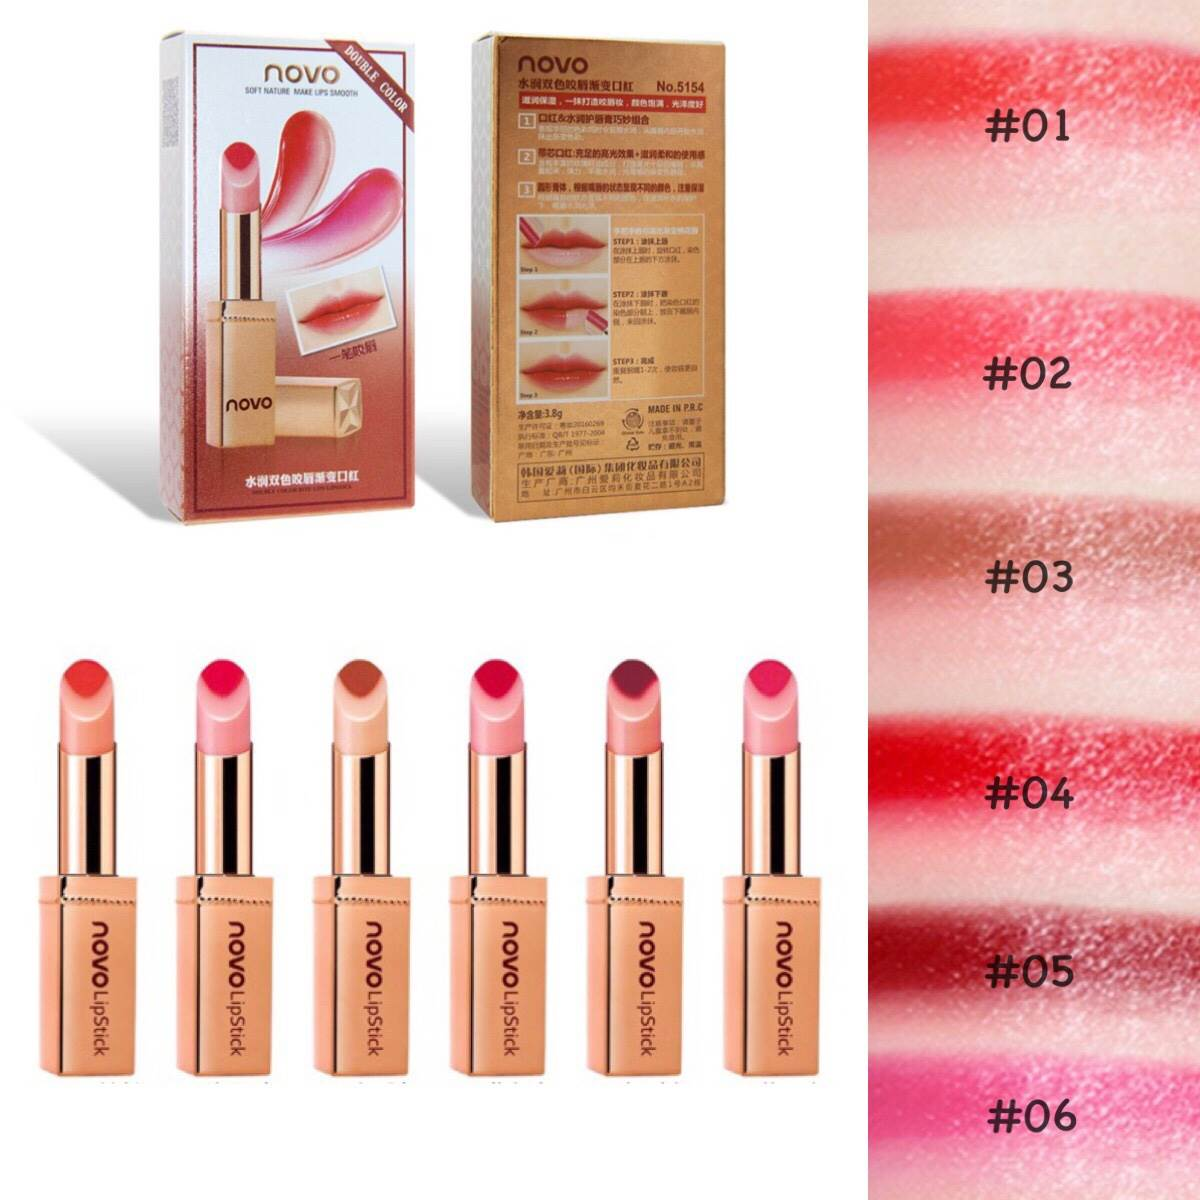 ลิปแท่งทอง Novo Double Color Hydra lip No.5154